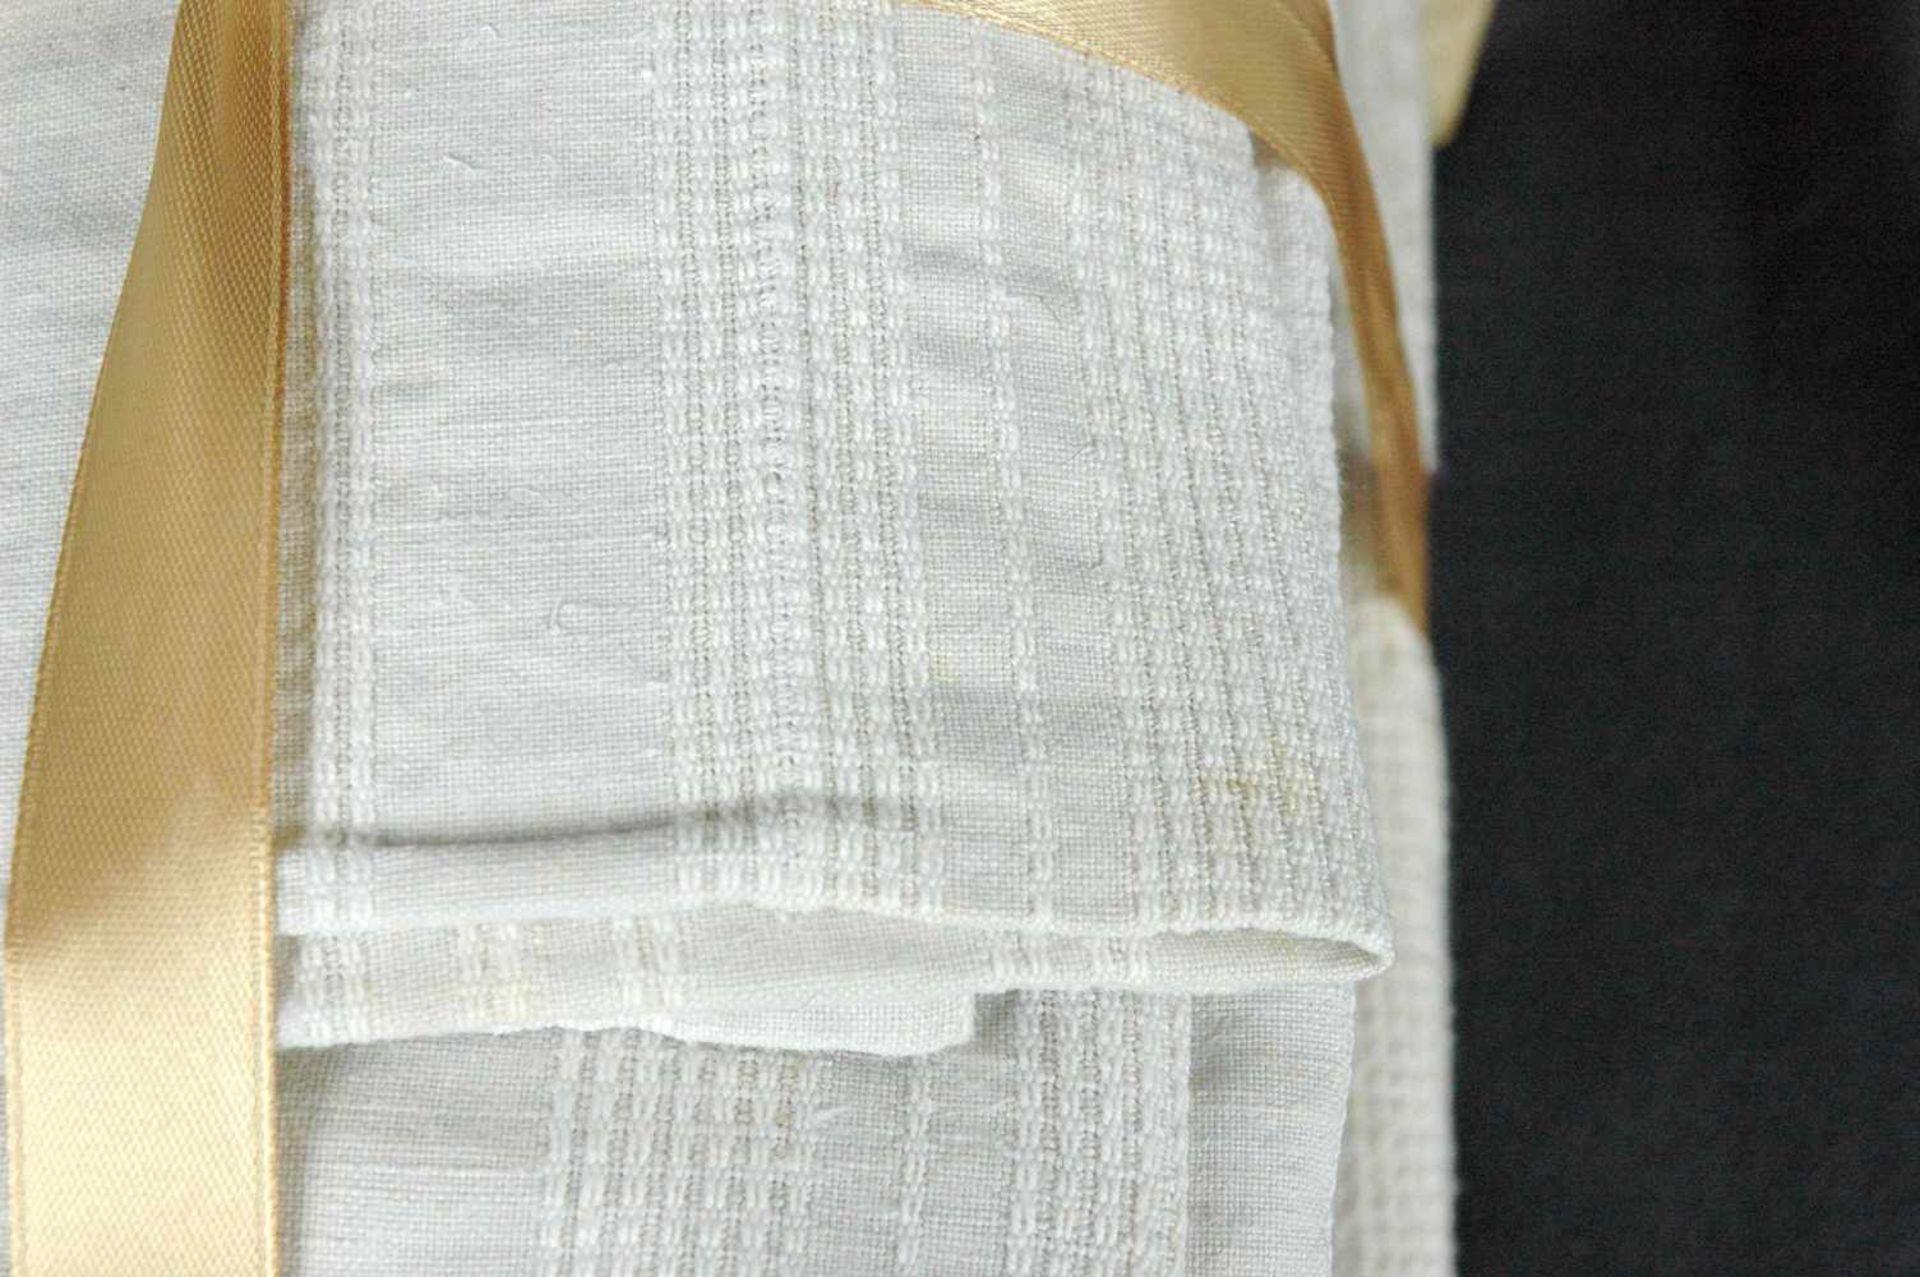 11 Leinen-Handtücher: 6 grobe, rotes Monogramm EO5 feine, Streifen, rotes Monogramm EO - Bild 3 aus 4